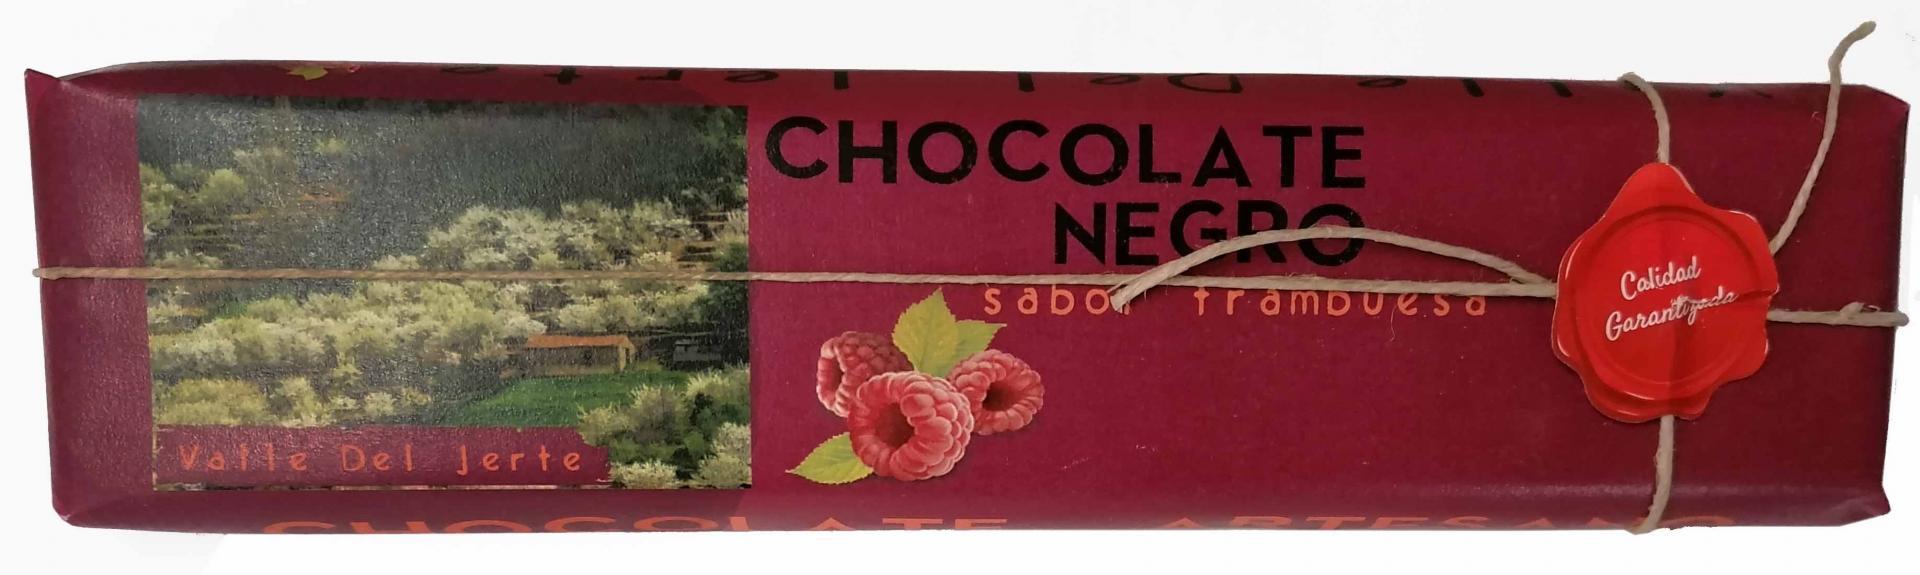 Chocolate negro con frambuesa Valle del Jerte